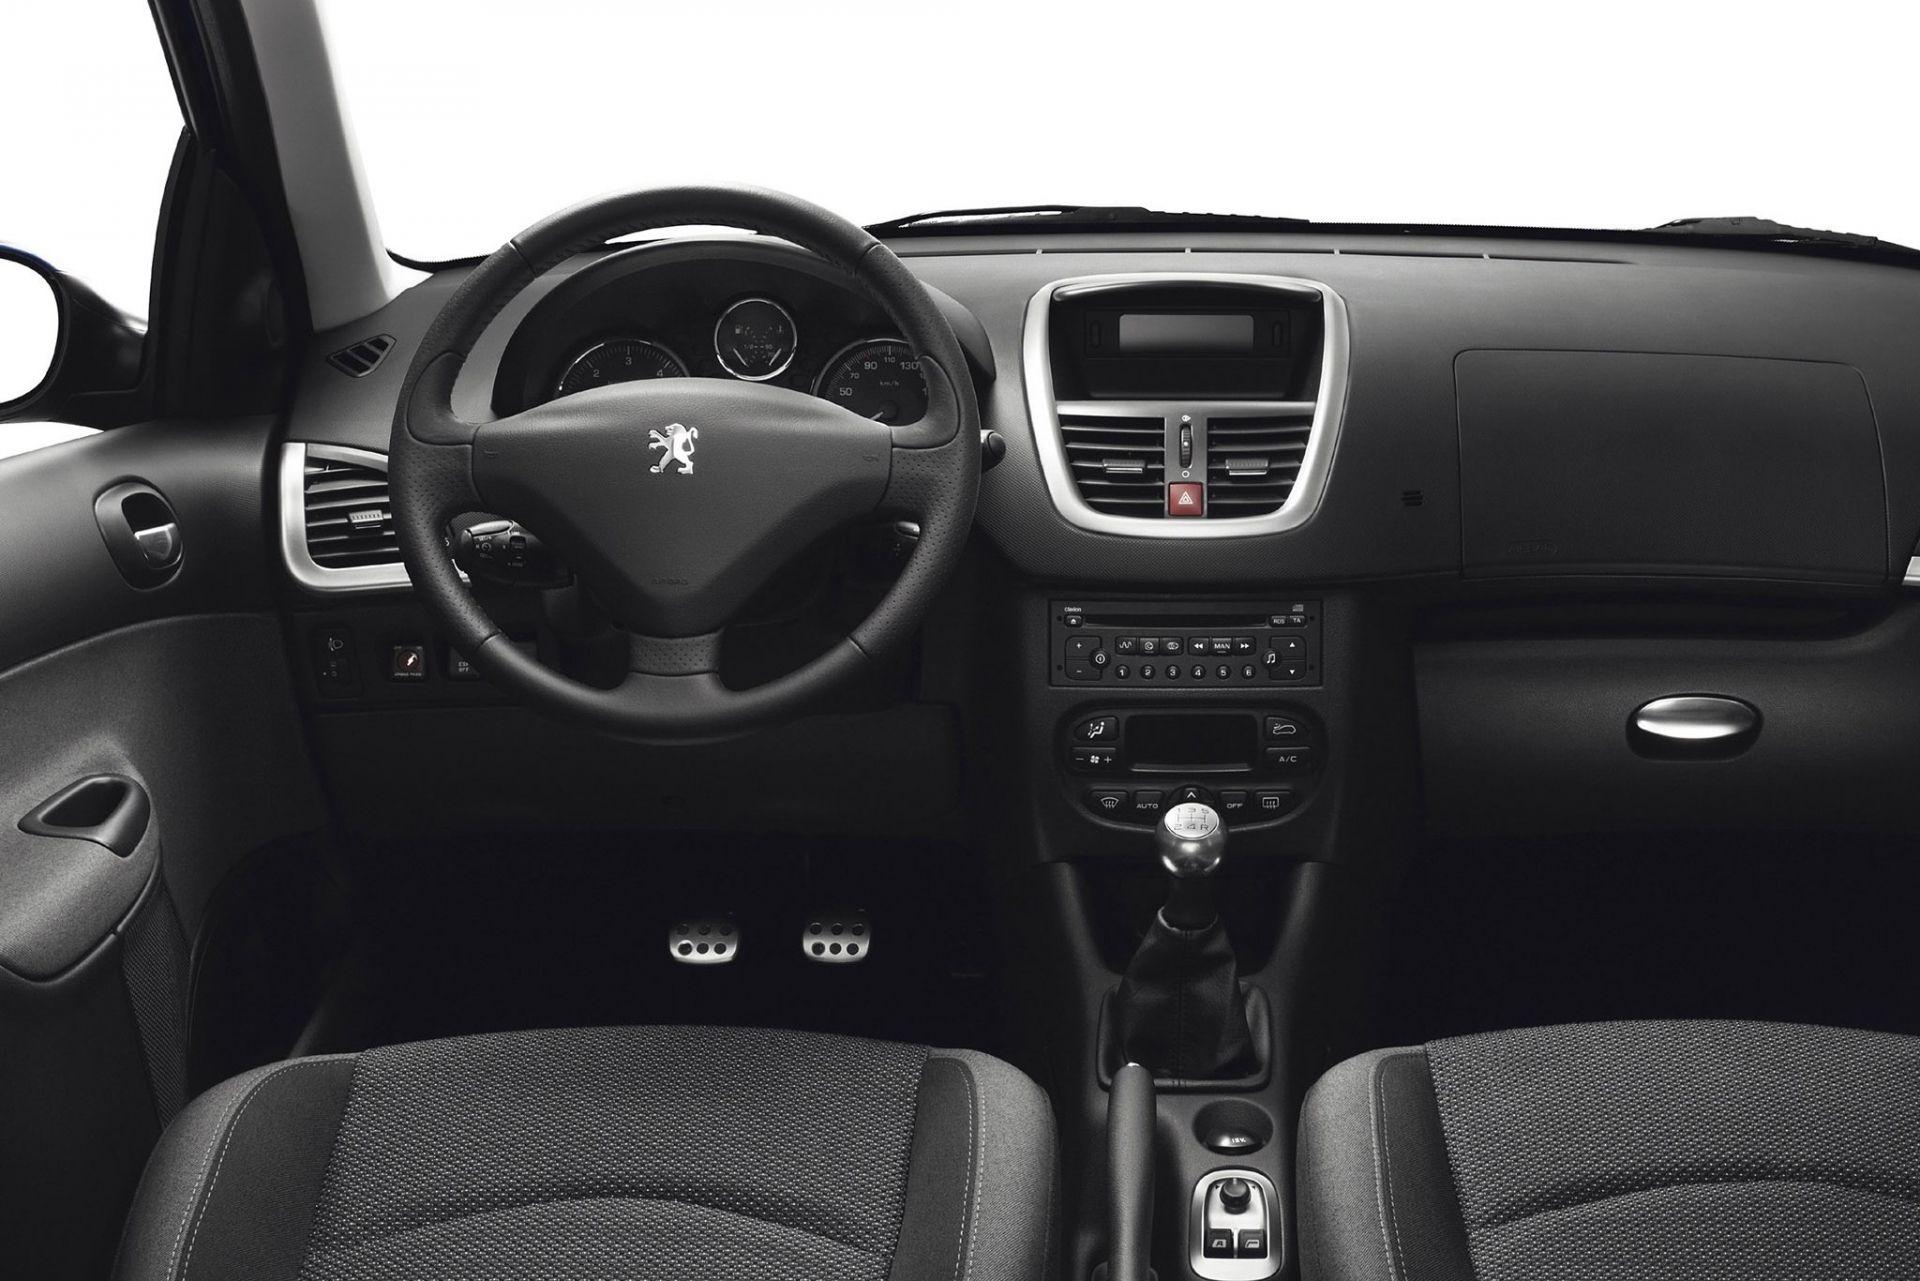 Какого максимального размера колонки можно установить в салон Peugeot 206 вместо штатных